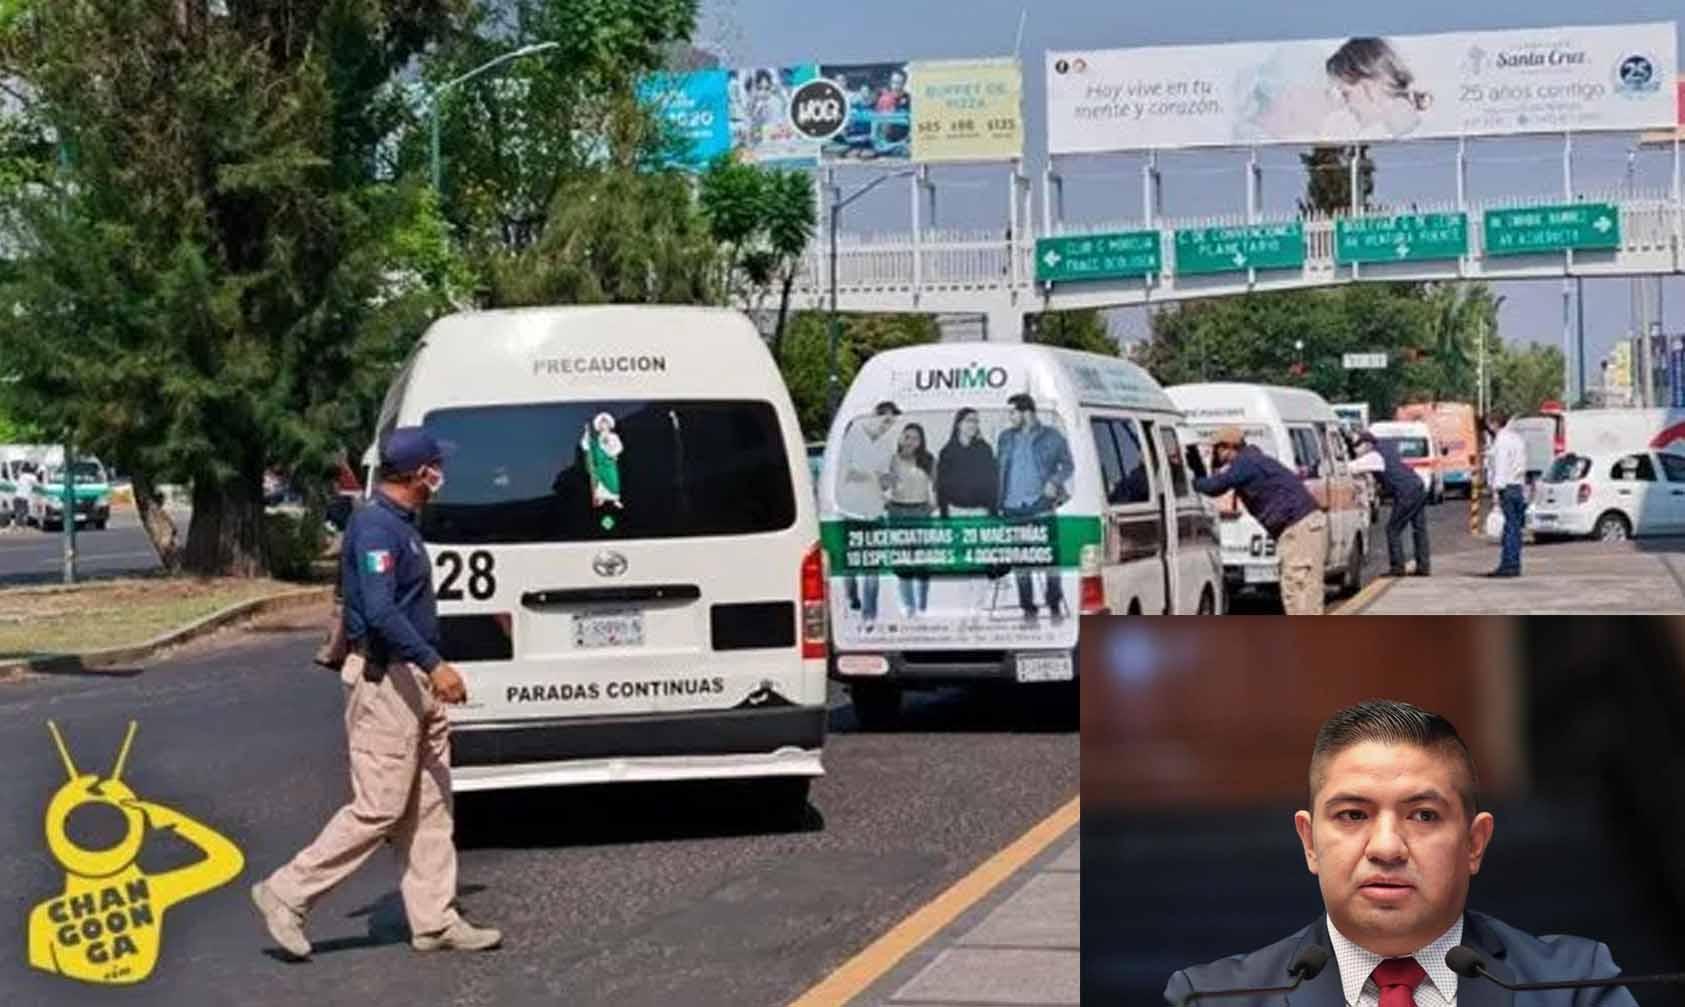 #Morelia Diputado Busca Que Transporte Público Reduzca Pasaje